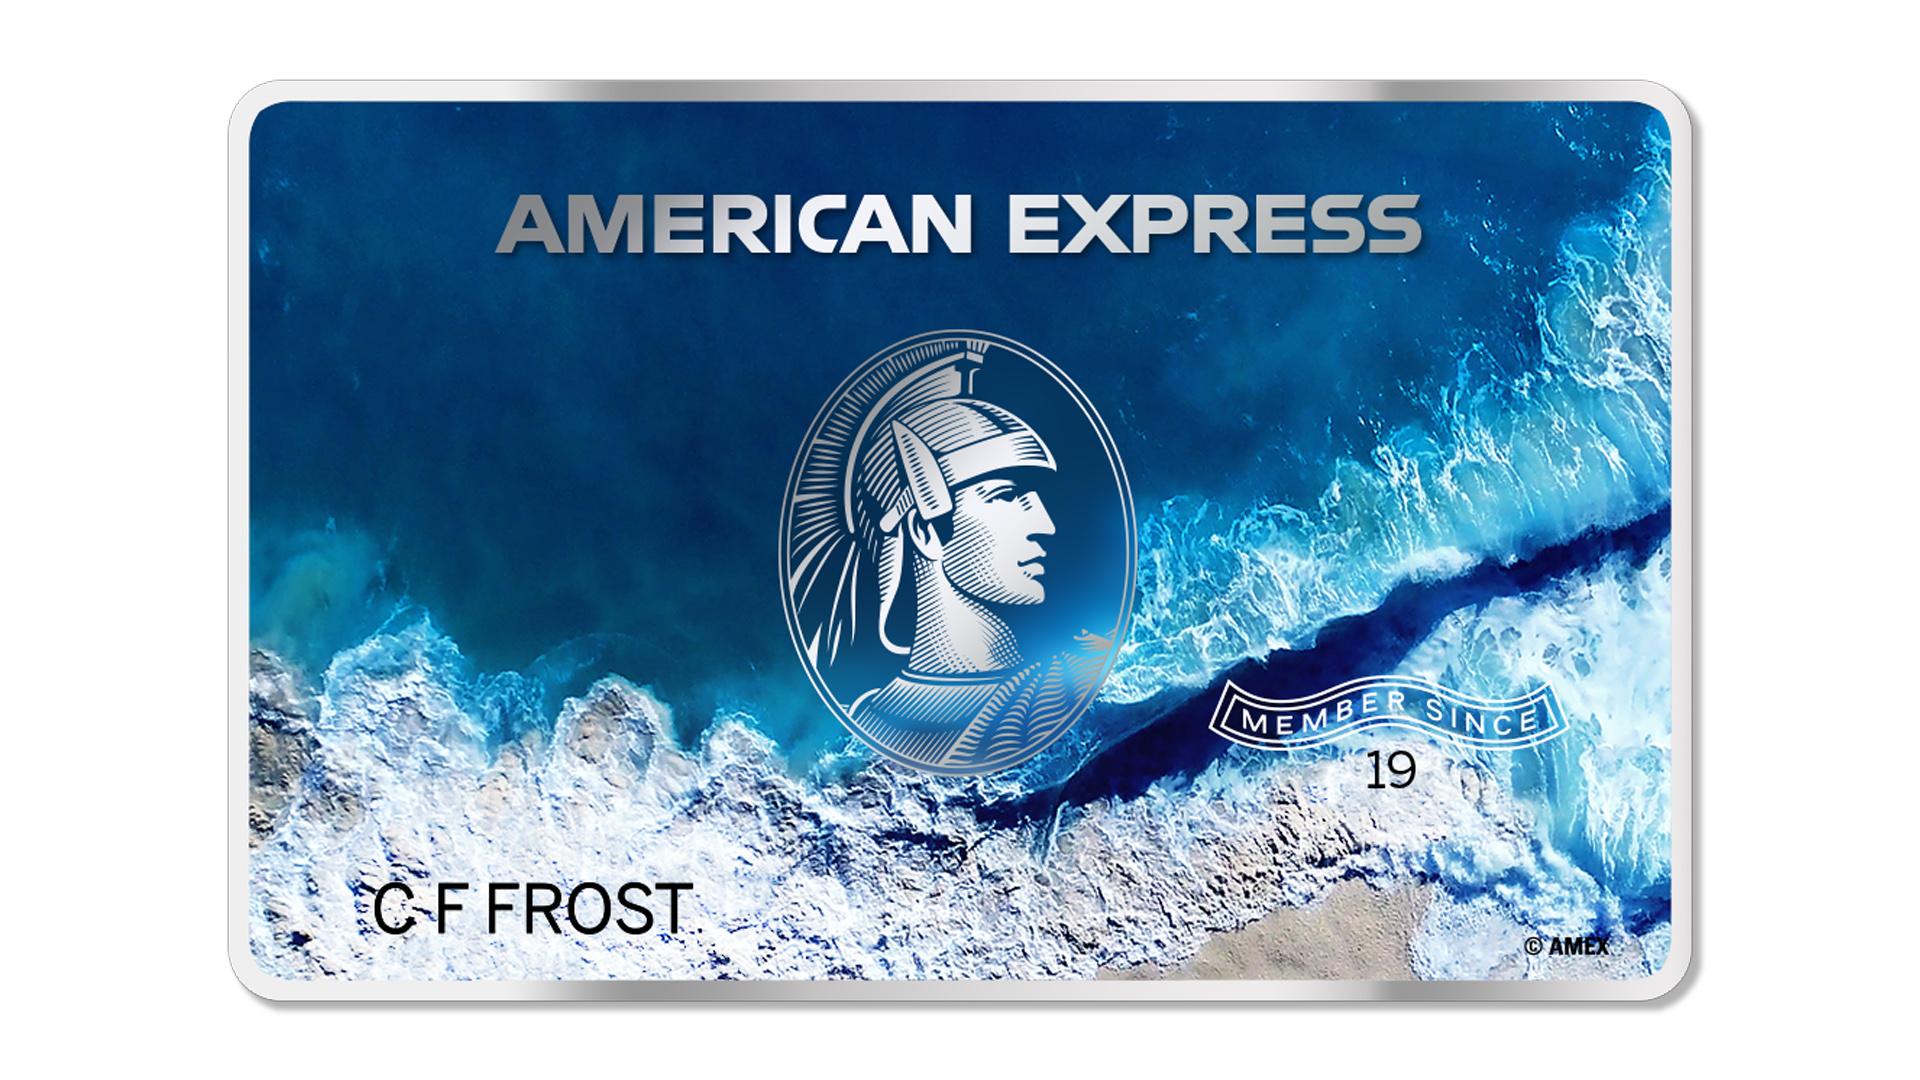 American Express-ը օվկիանոսներից հավաքված պլաստիկ աղբից կրեդիտ քարտեր կթողարկի